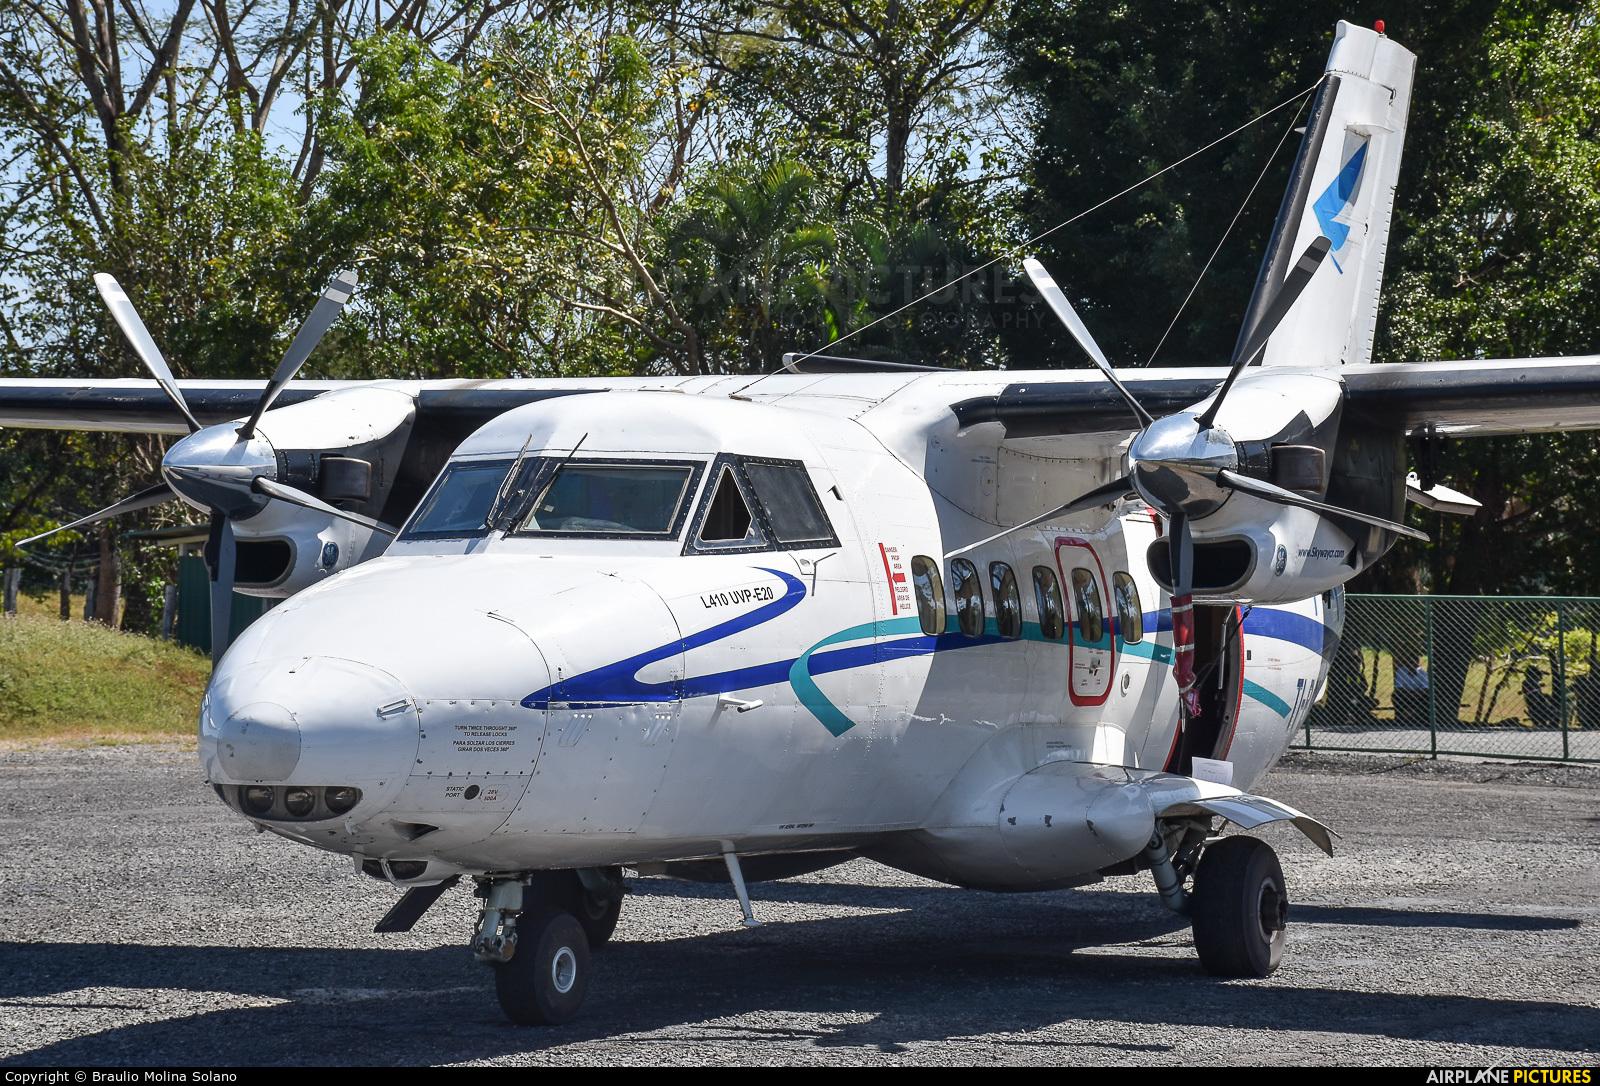 Skyway Costa Rica TI-BGM aircraft at Tambor